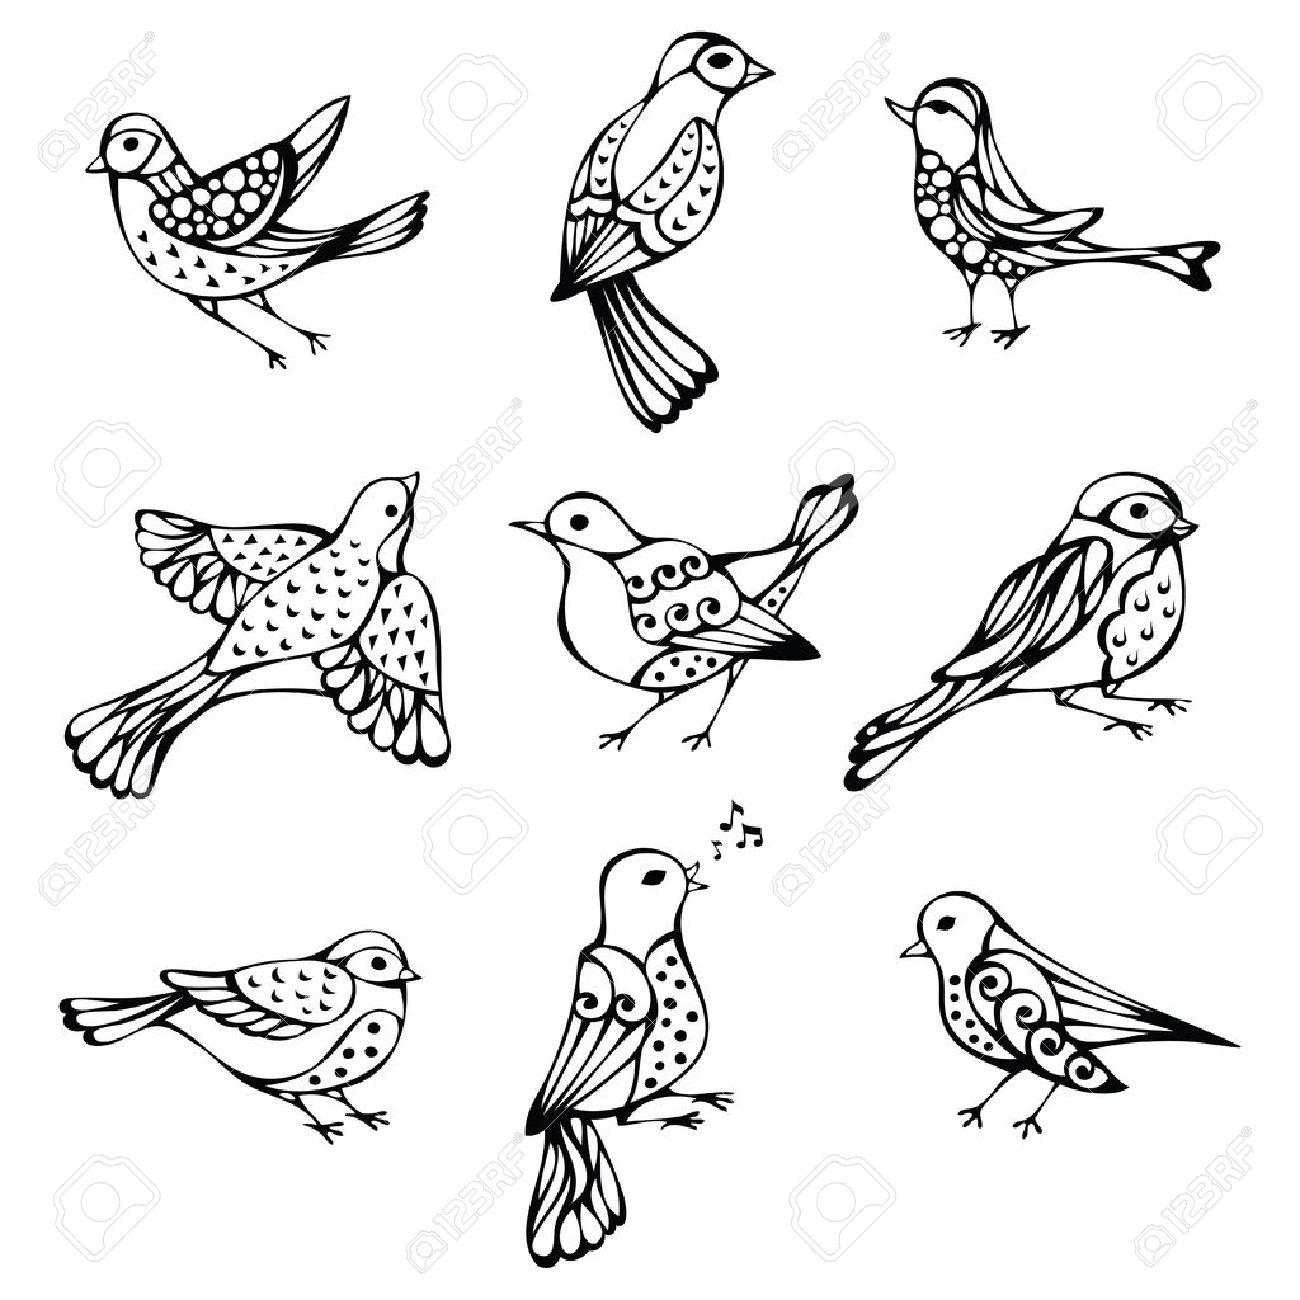 set of vintage birds. Black ornate birds isolated on white background..